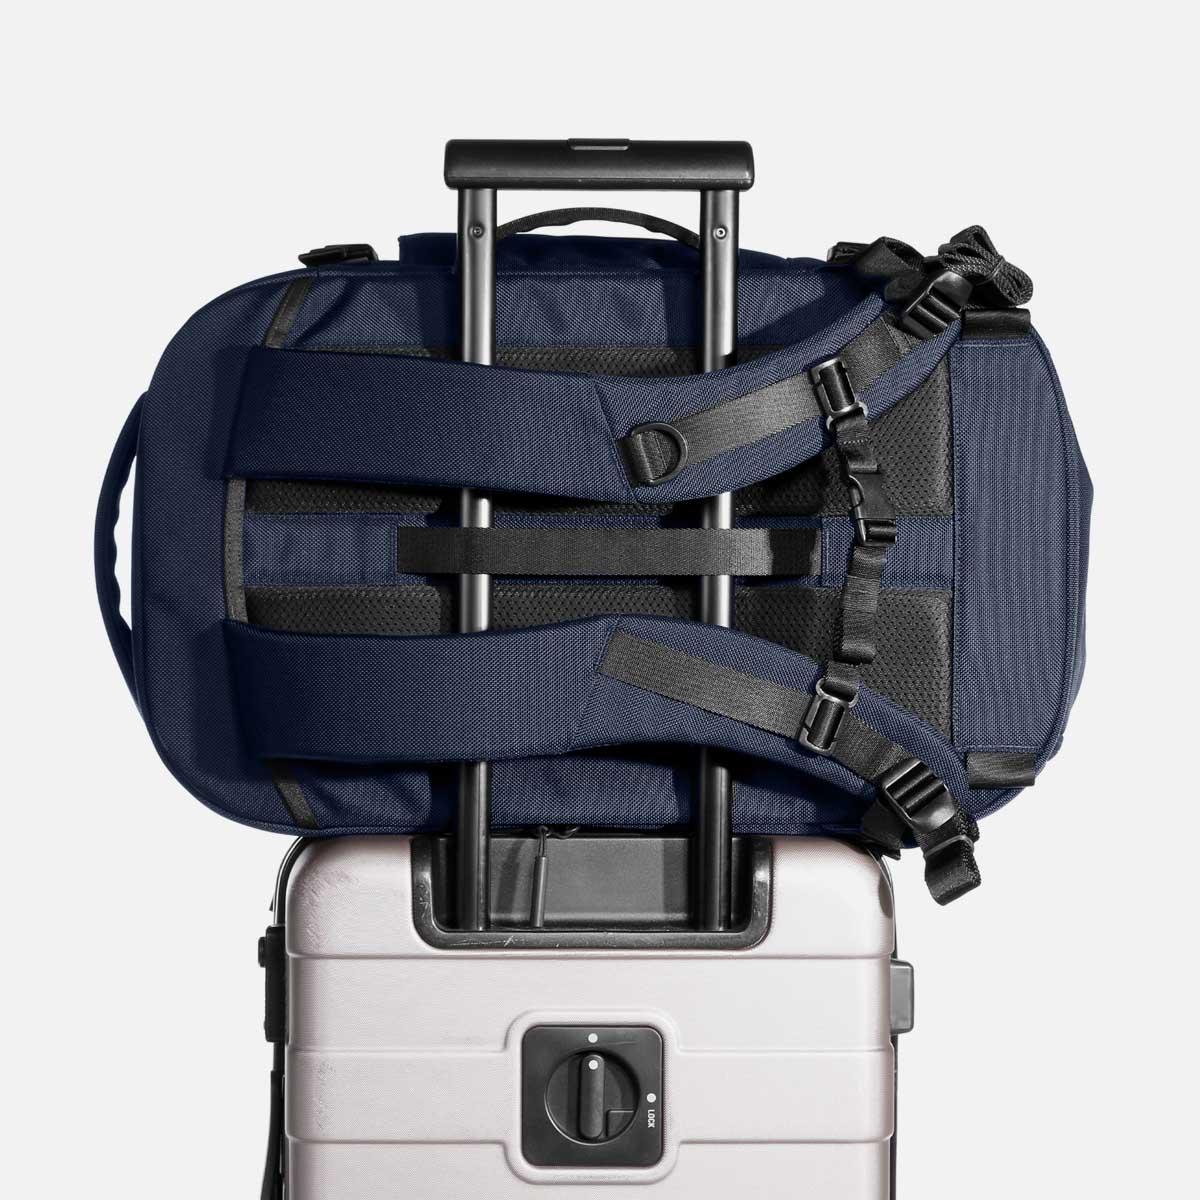 23007_travelpack2_navy_luggage.jpg